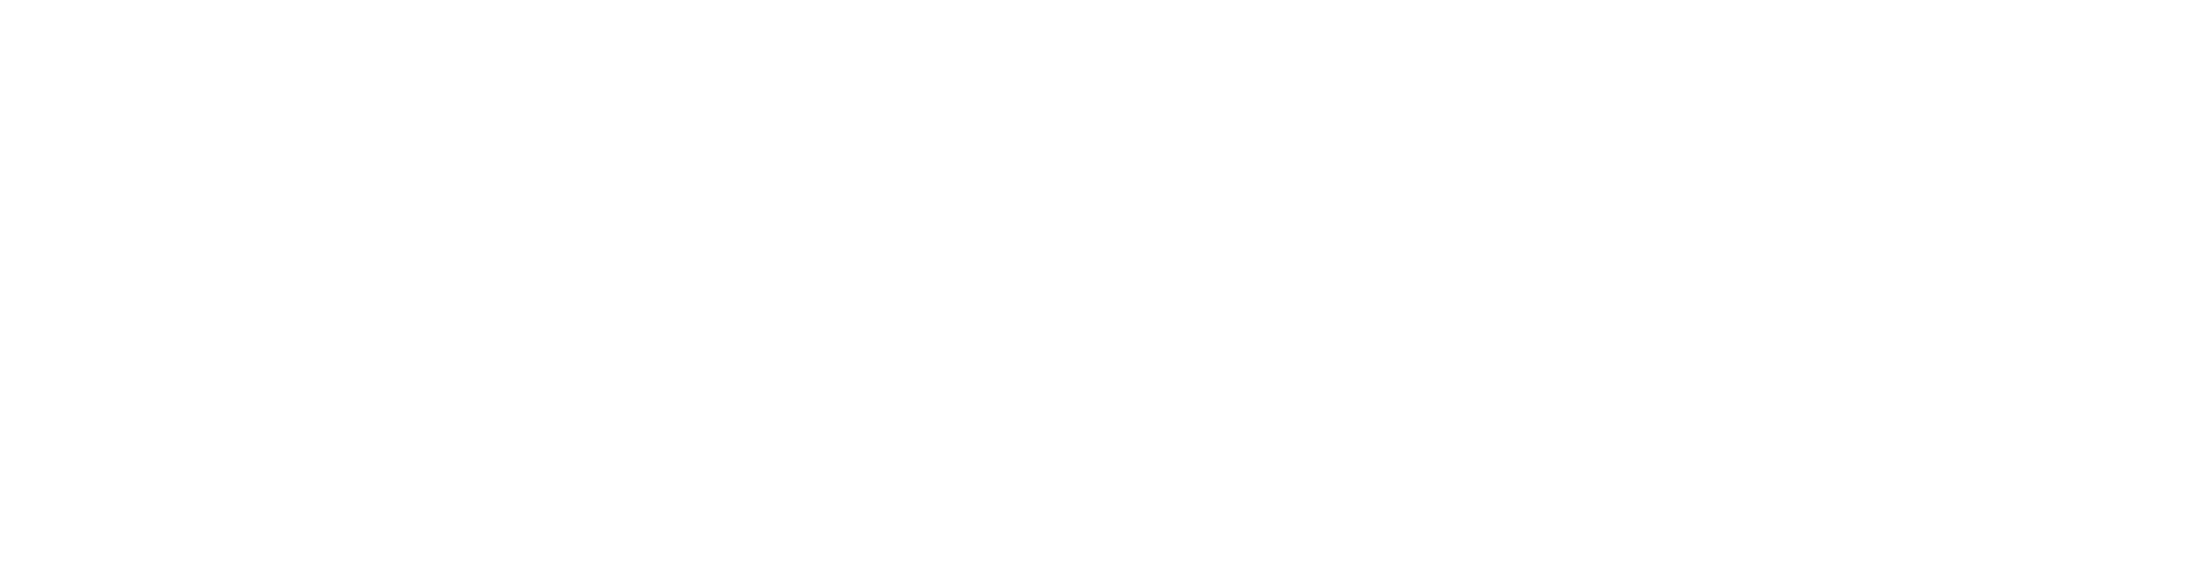 De Wandeltrainer